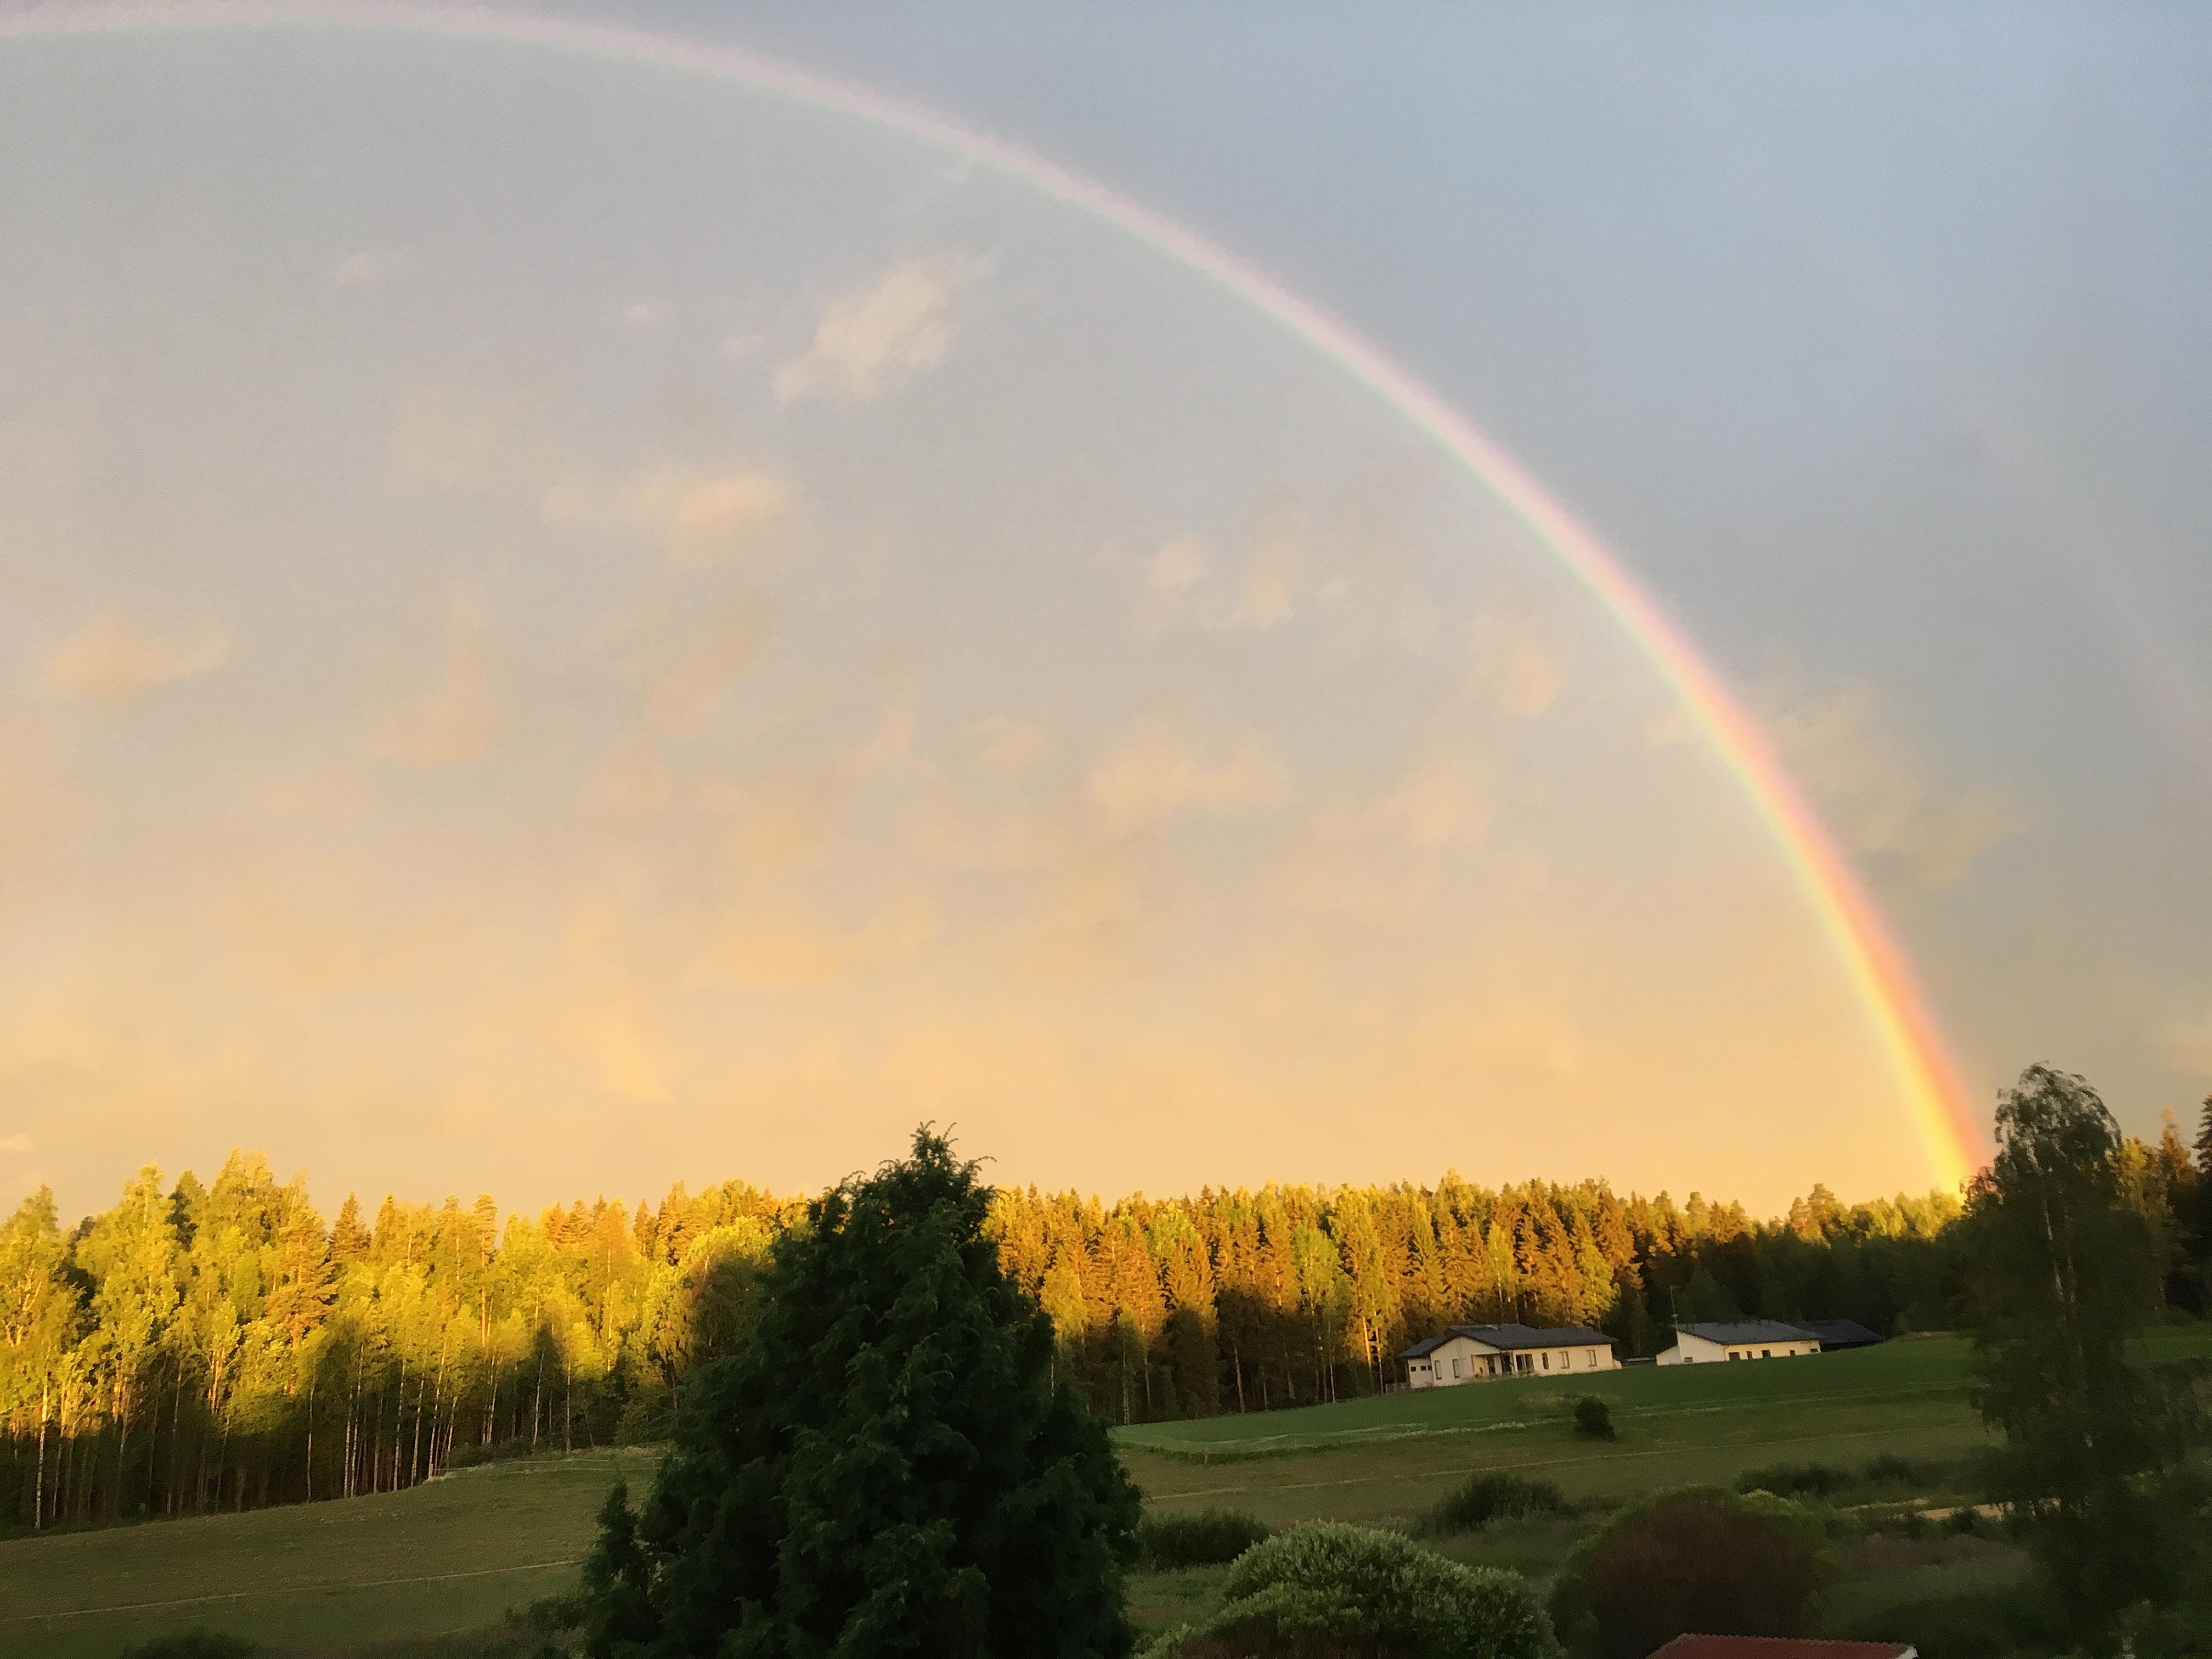 Kokonainen sateenkaari oli mystinen näky terassilta varhain aamulla 28.7, kuin tv-ohjelmassa jokunen vuosi sitten! Kuva: Johanna Raunio